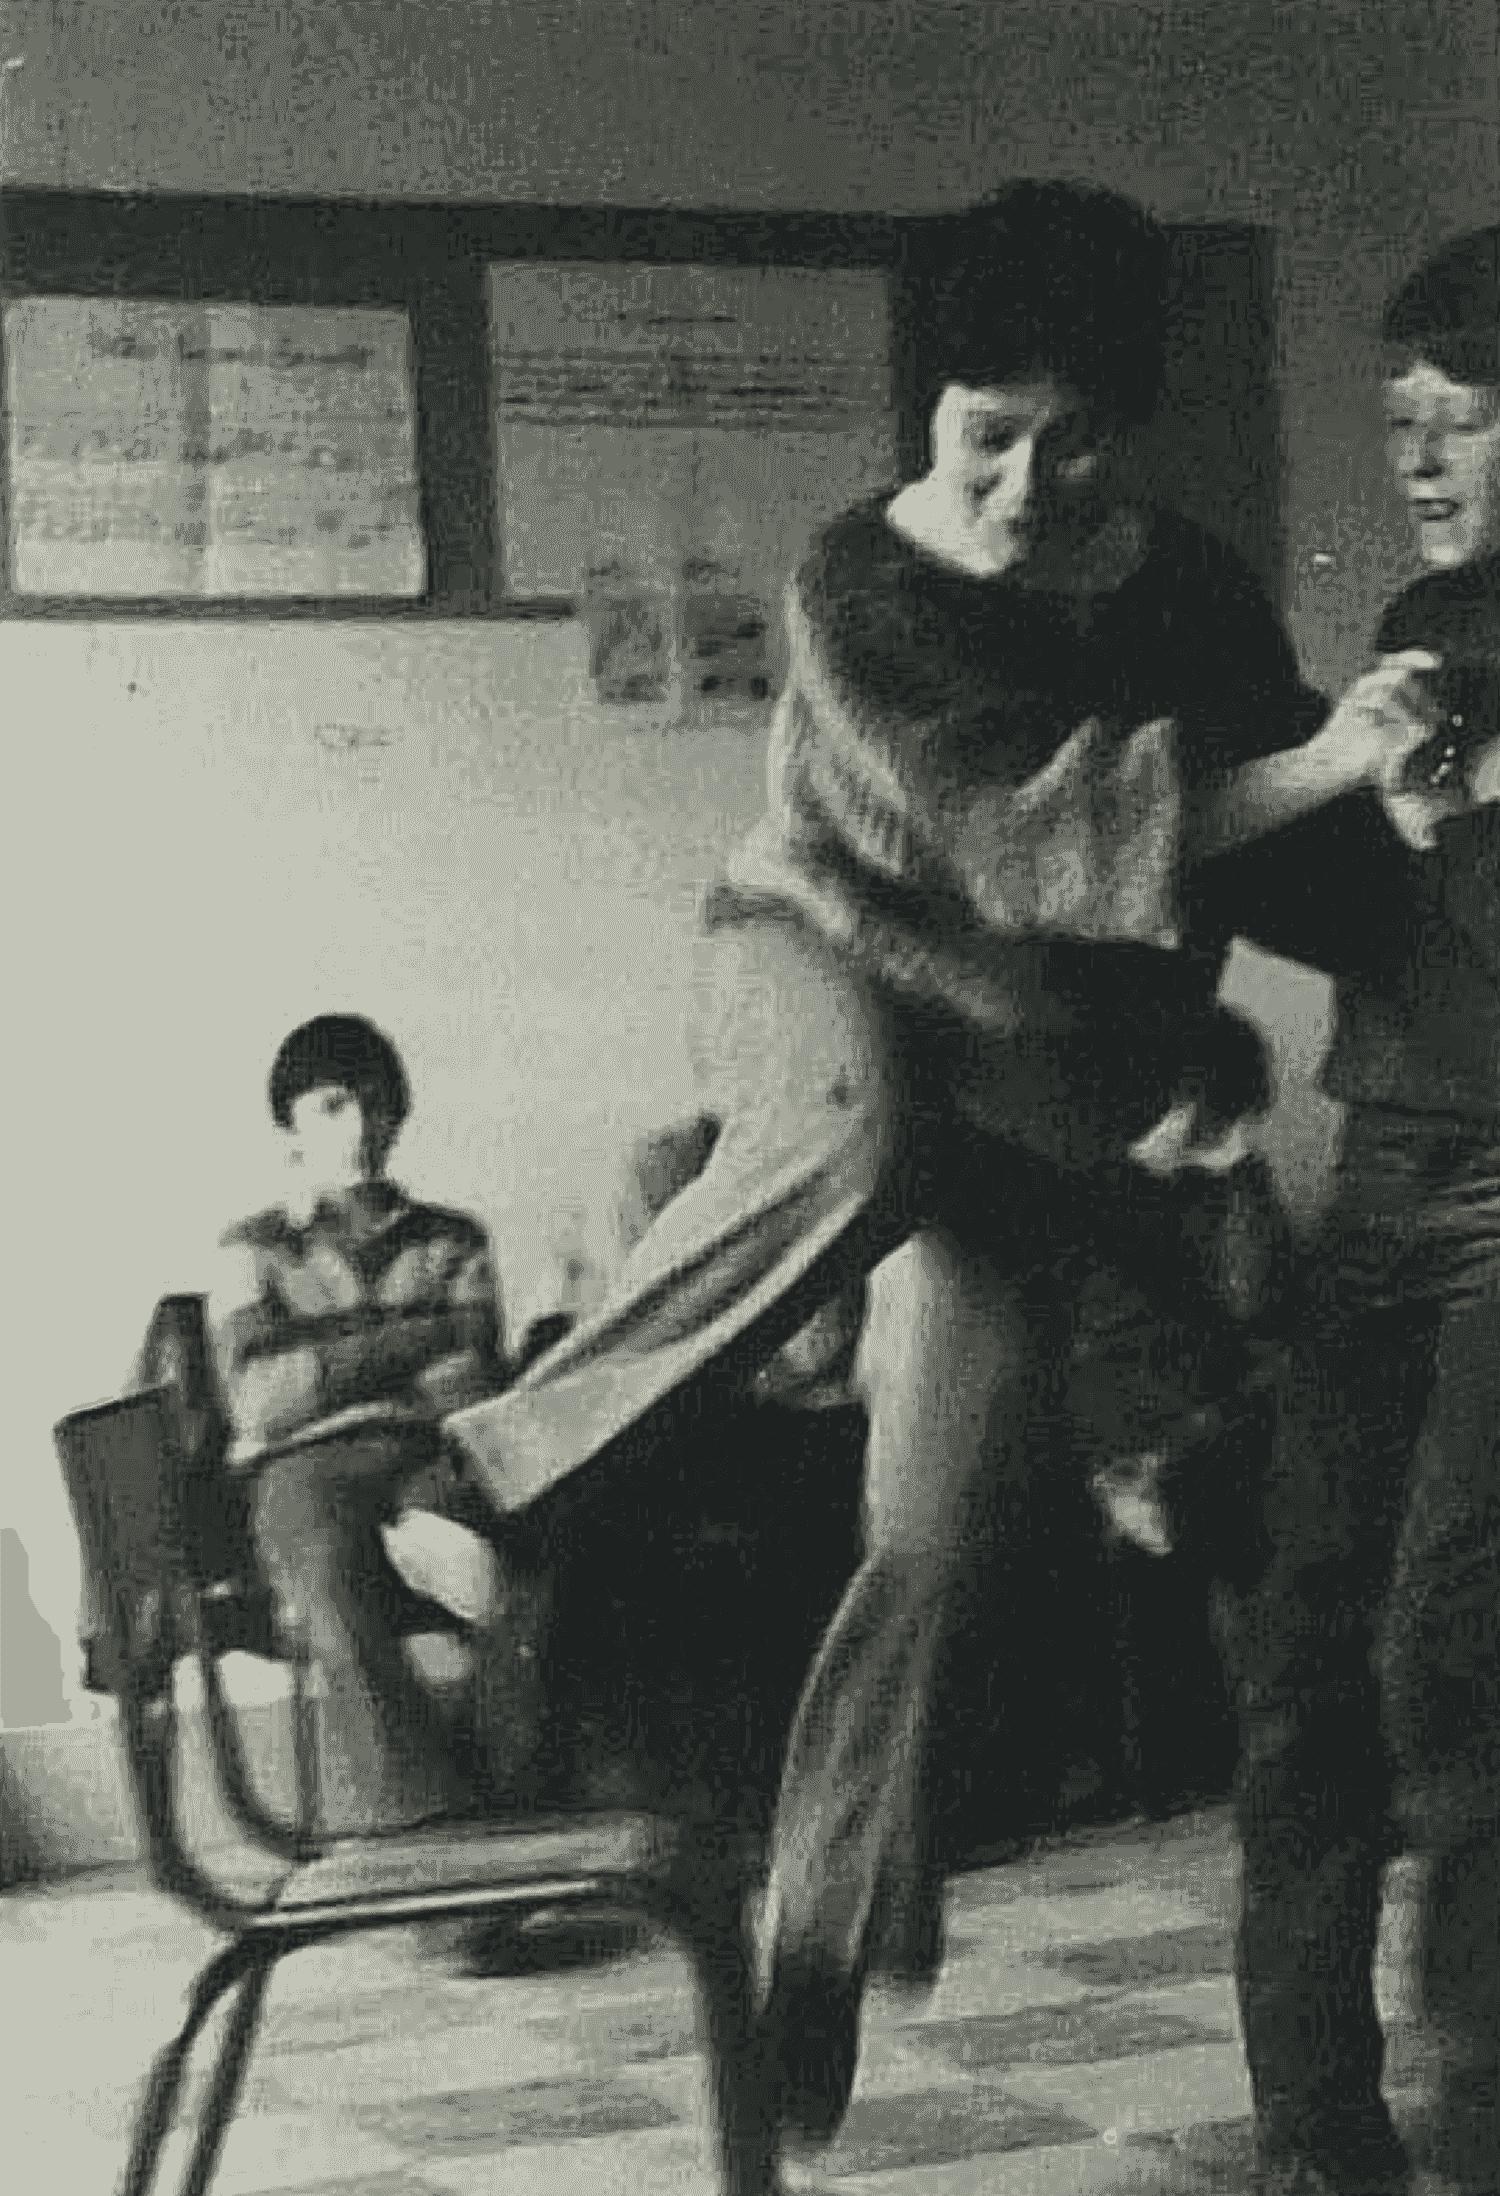 Professeur et élèves s'exercent à la « polka par-dessus la chaise », danse recueillie auprès de la grand-mère de Marie-France Gourdonneau et du grand-père de Philippe Potonnet (5e D). Cliché Michel Valière, janvier 1983.